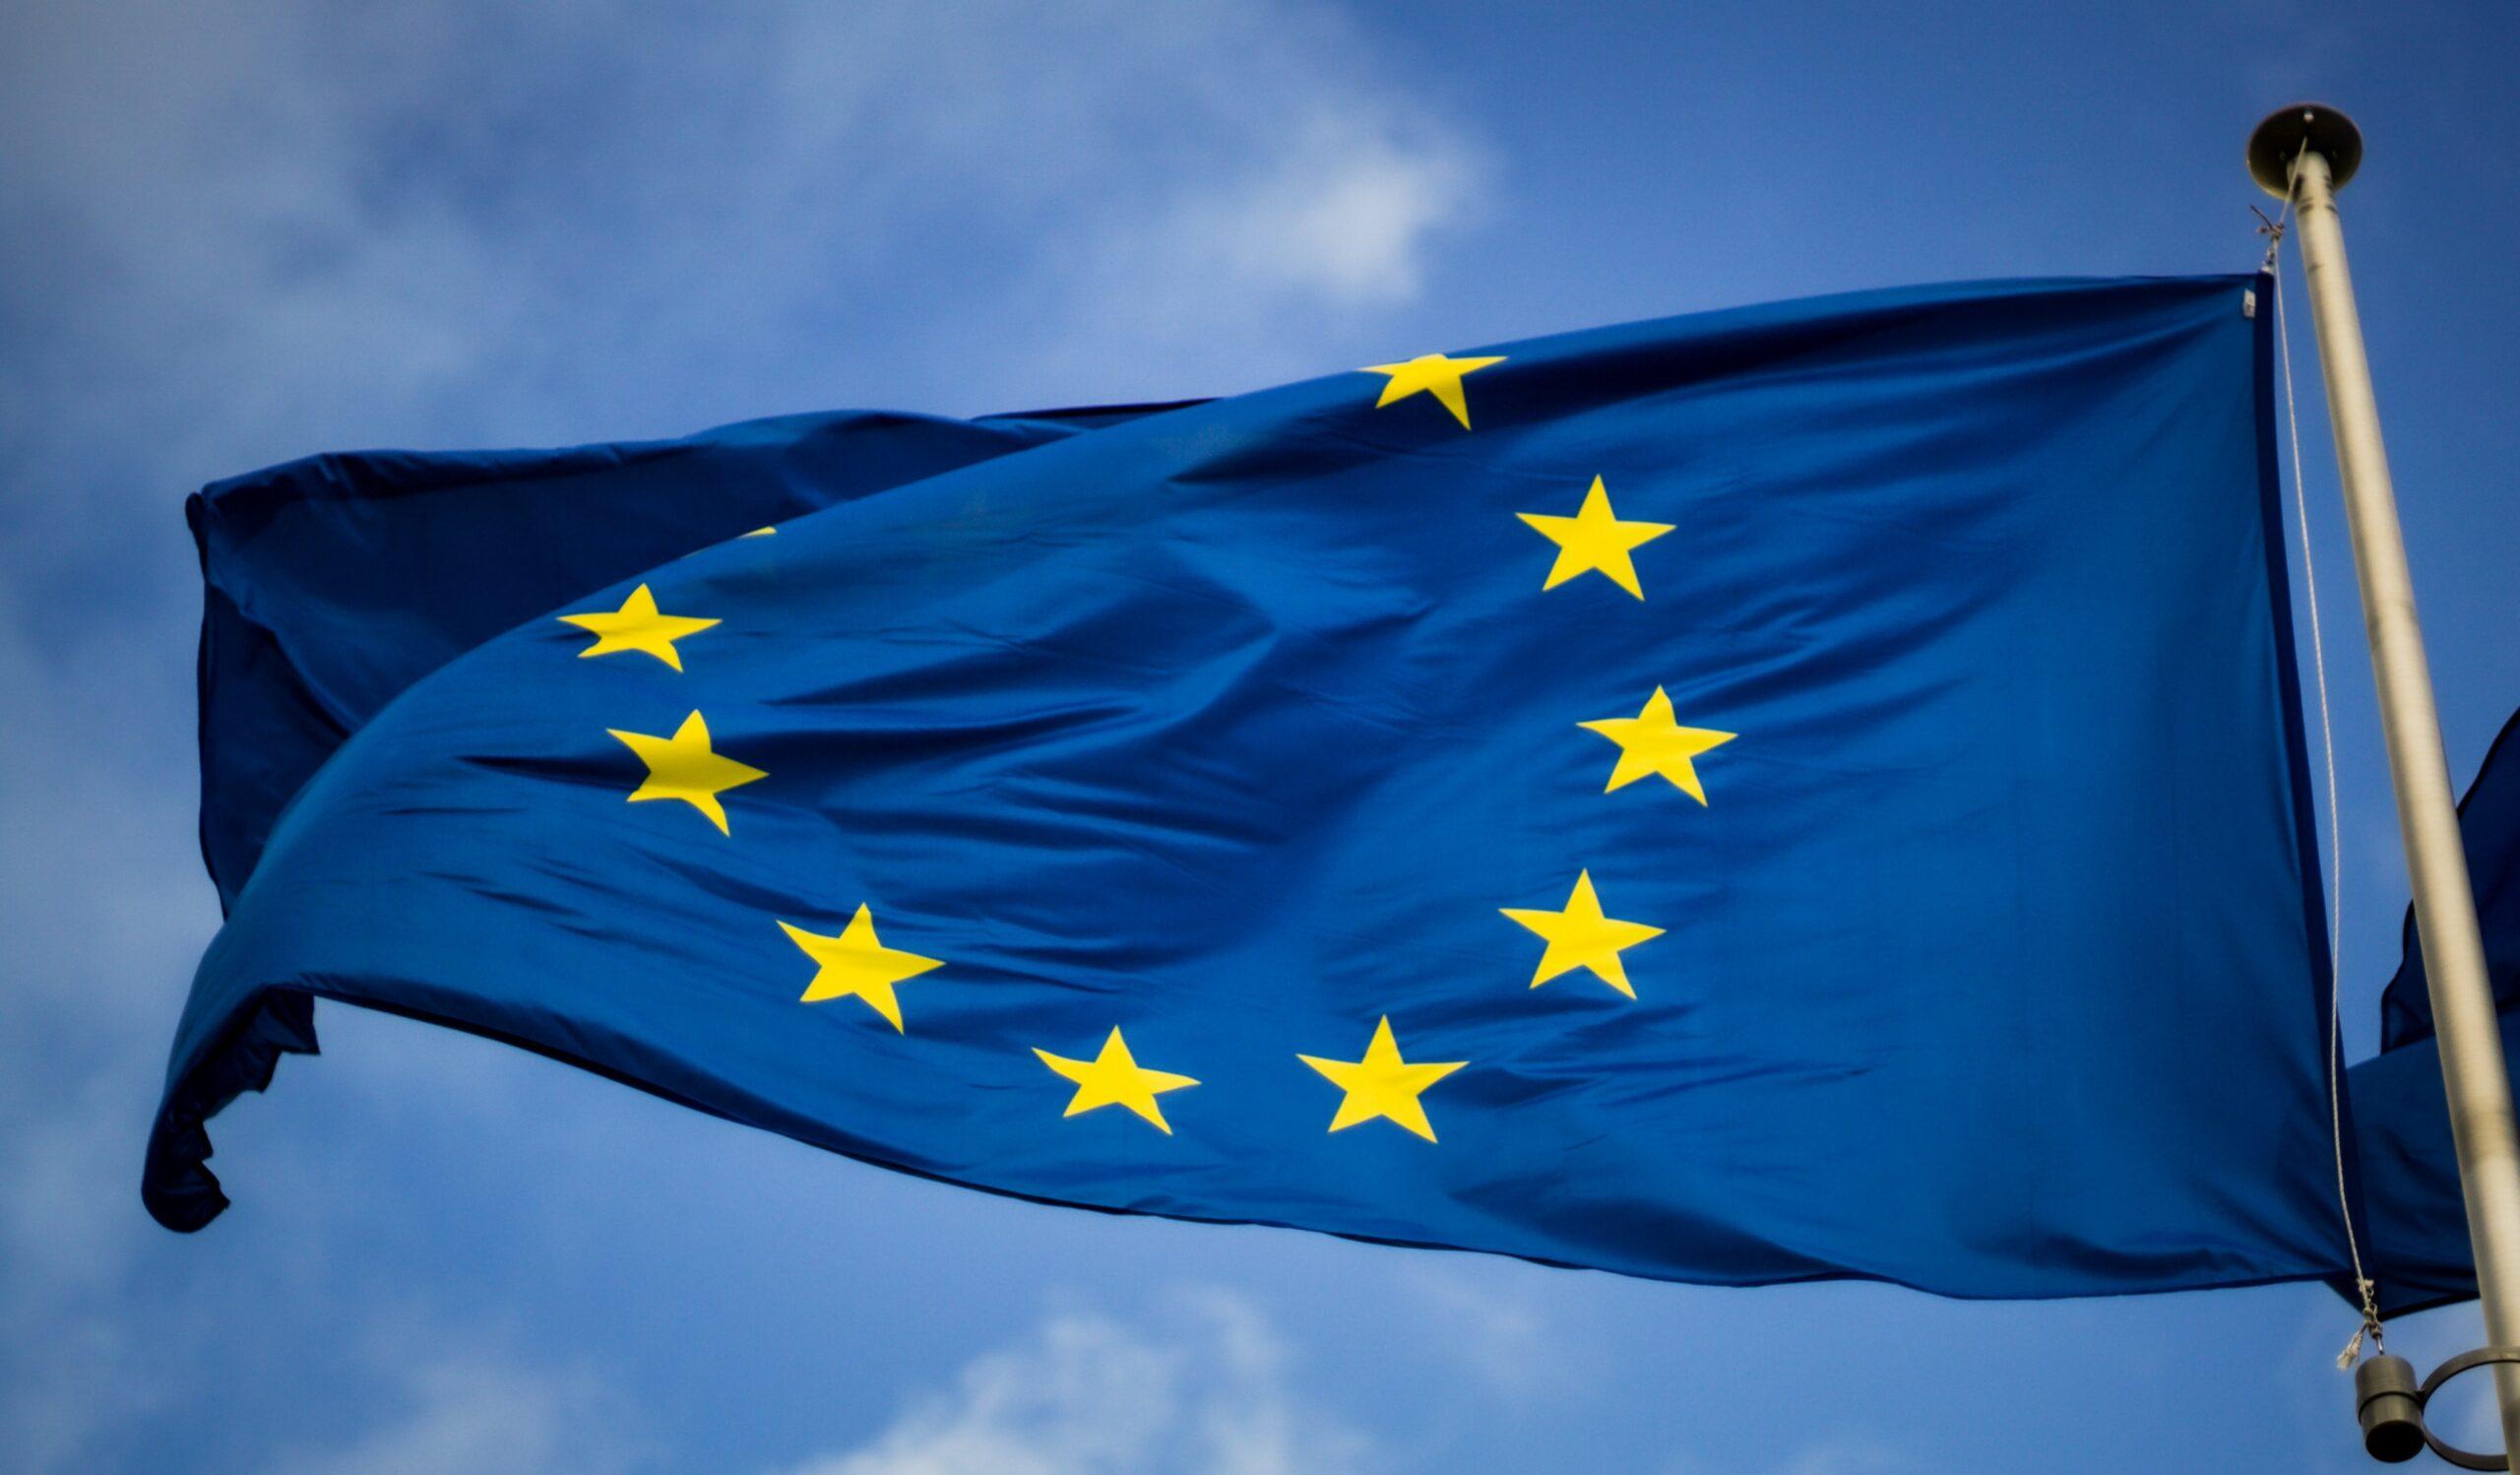 Statement zur Einigung über die Konferenz zur Zukunft Europas: Nicht nur reden, Europa machen!